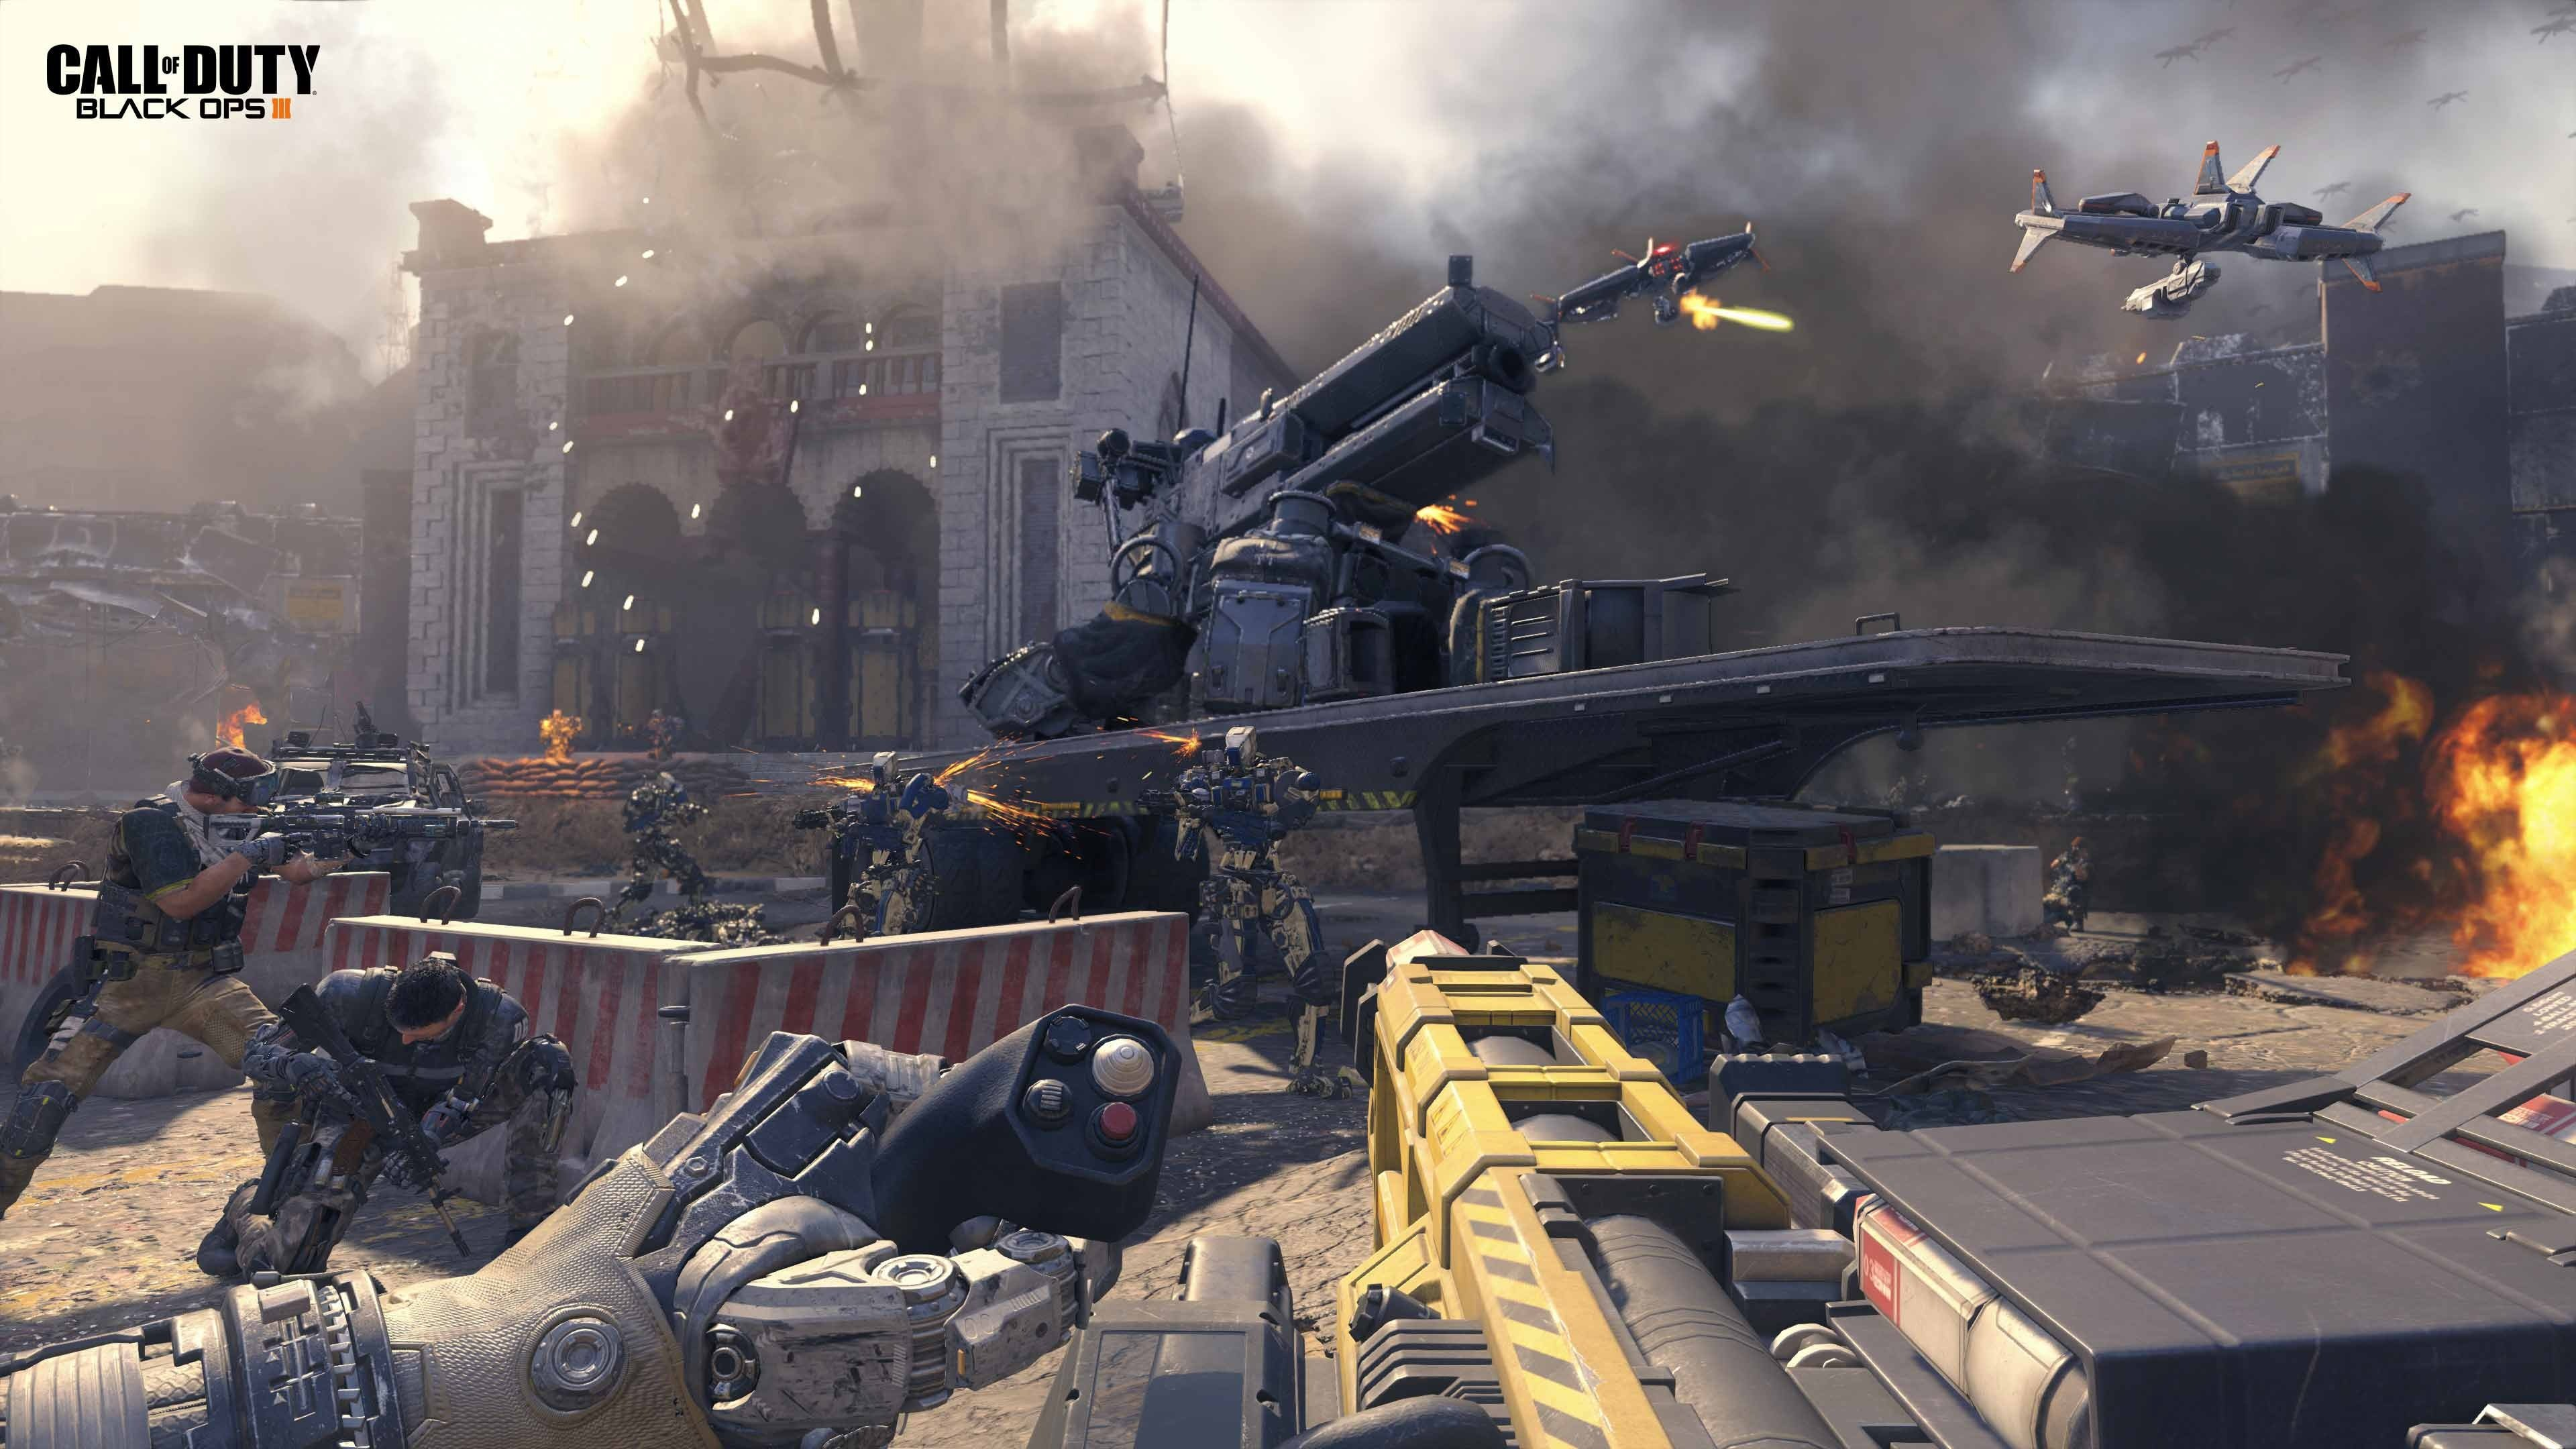 Впечатления от Call of Duty: Black Ops 3. - Изображение 2